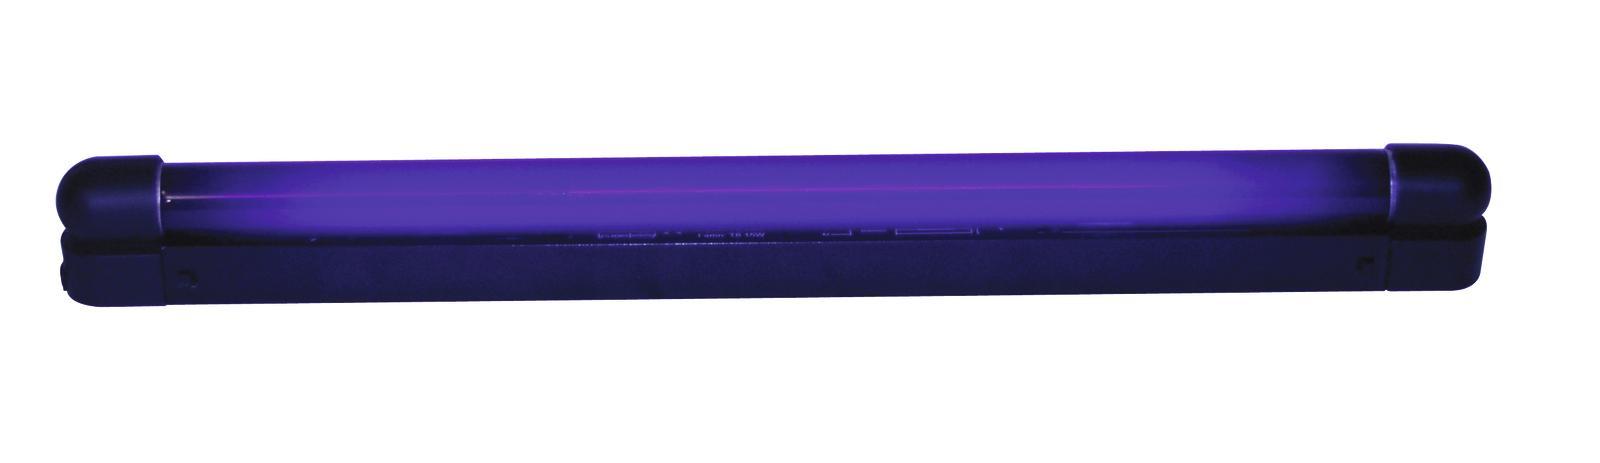 Neon UV slim apparecchio completo di base d'attacco 45cm 15W EUROLITE